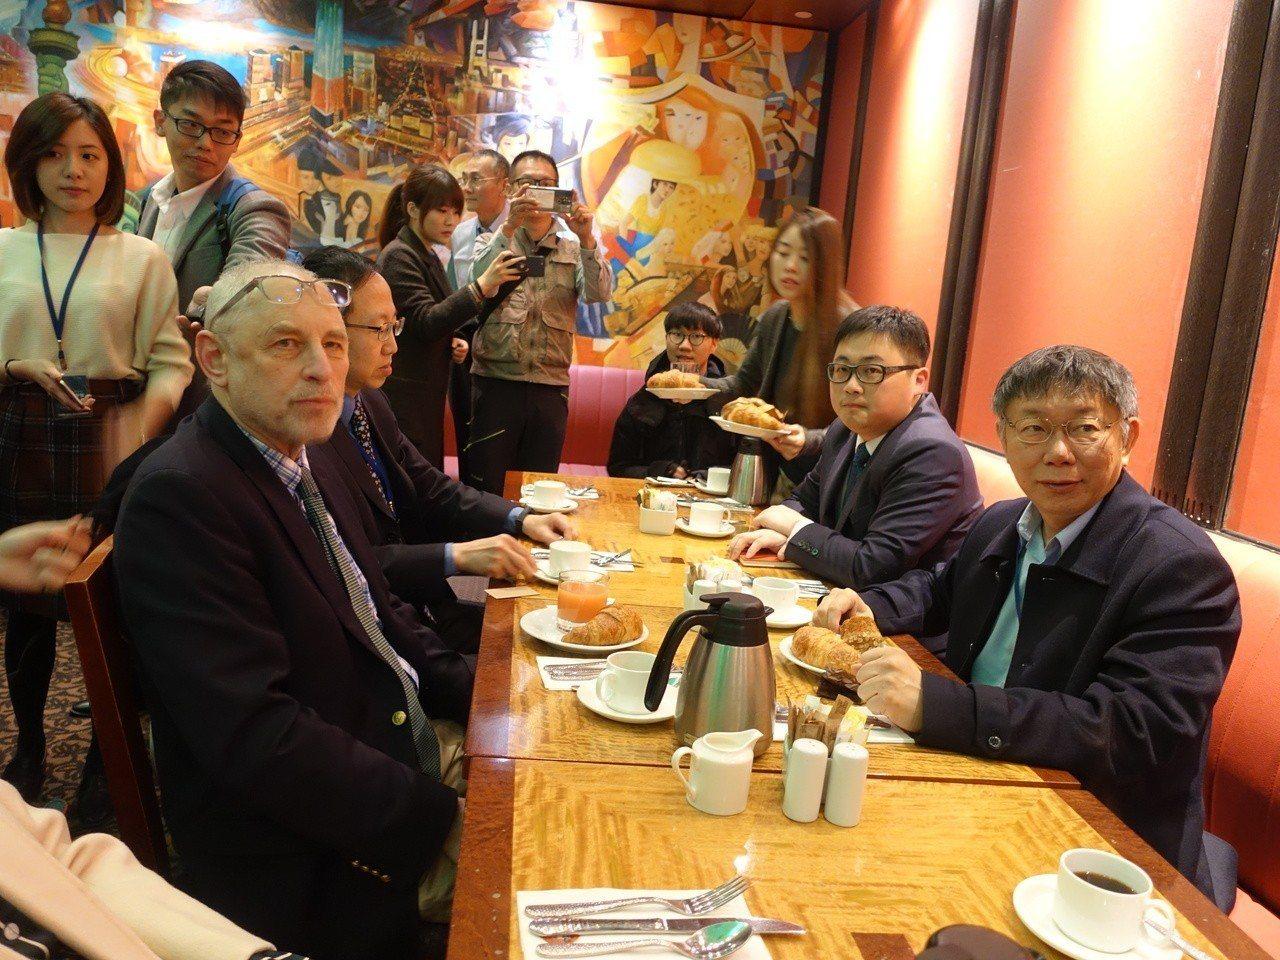 台北市長柯文哲(右)訪美,和哥倫比亞大學教授黎安友早餐會。 記者邱瓊玉/攝影